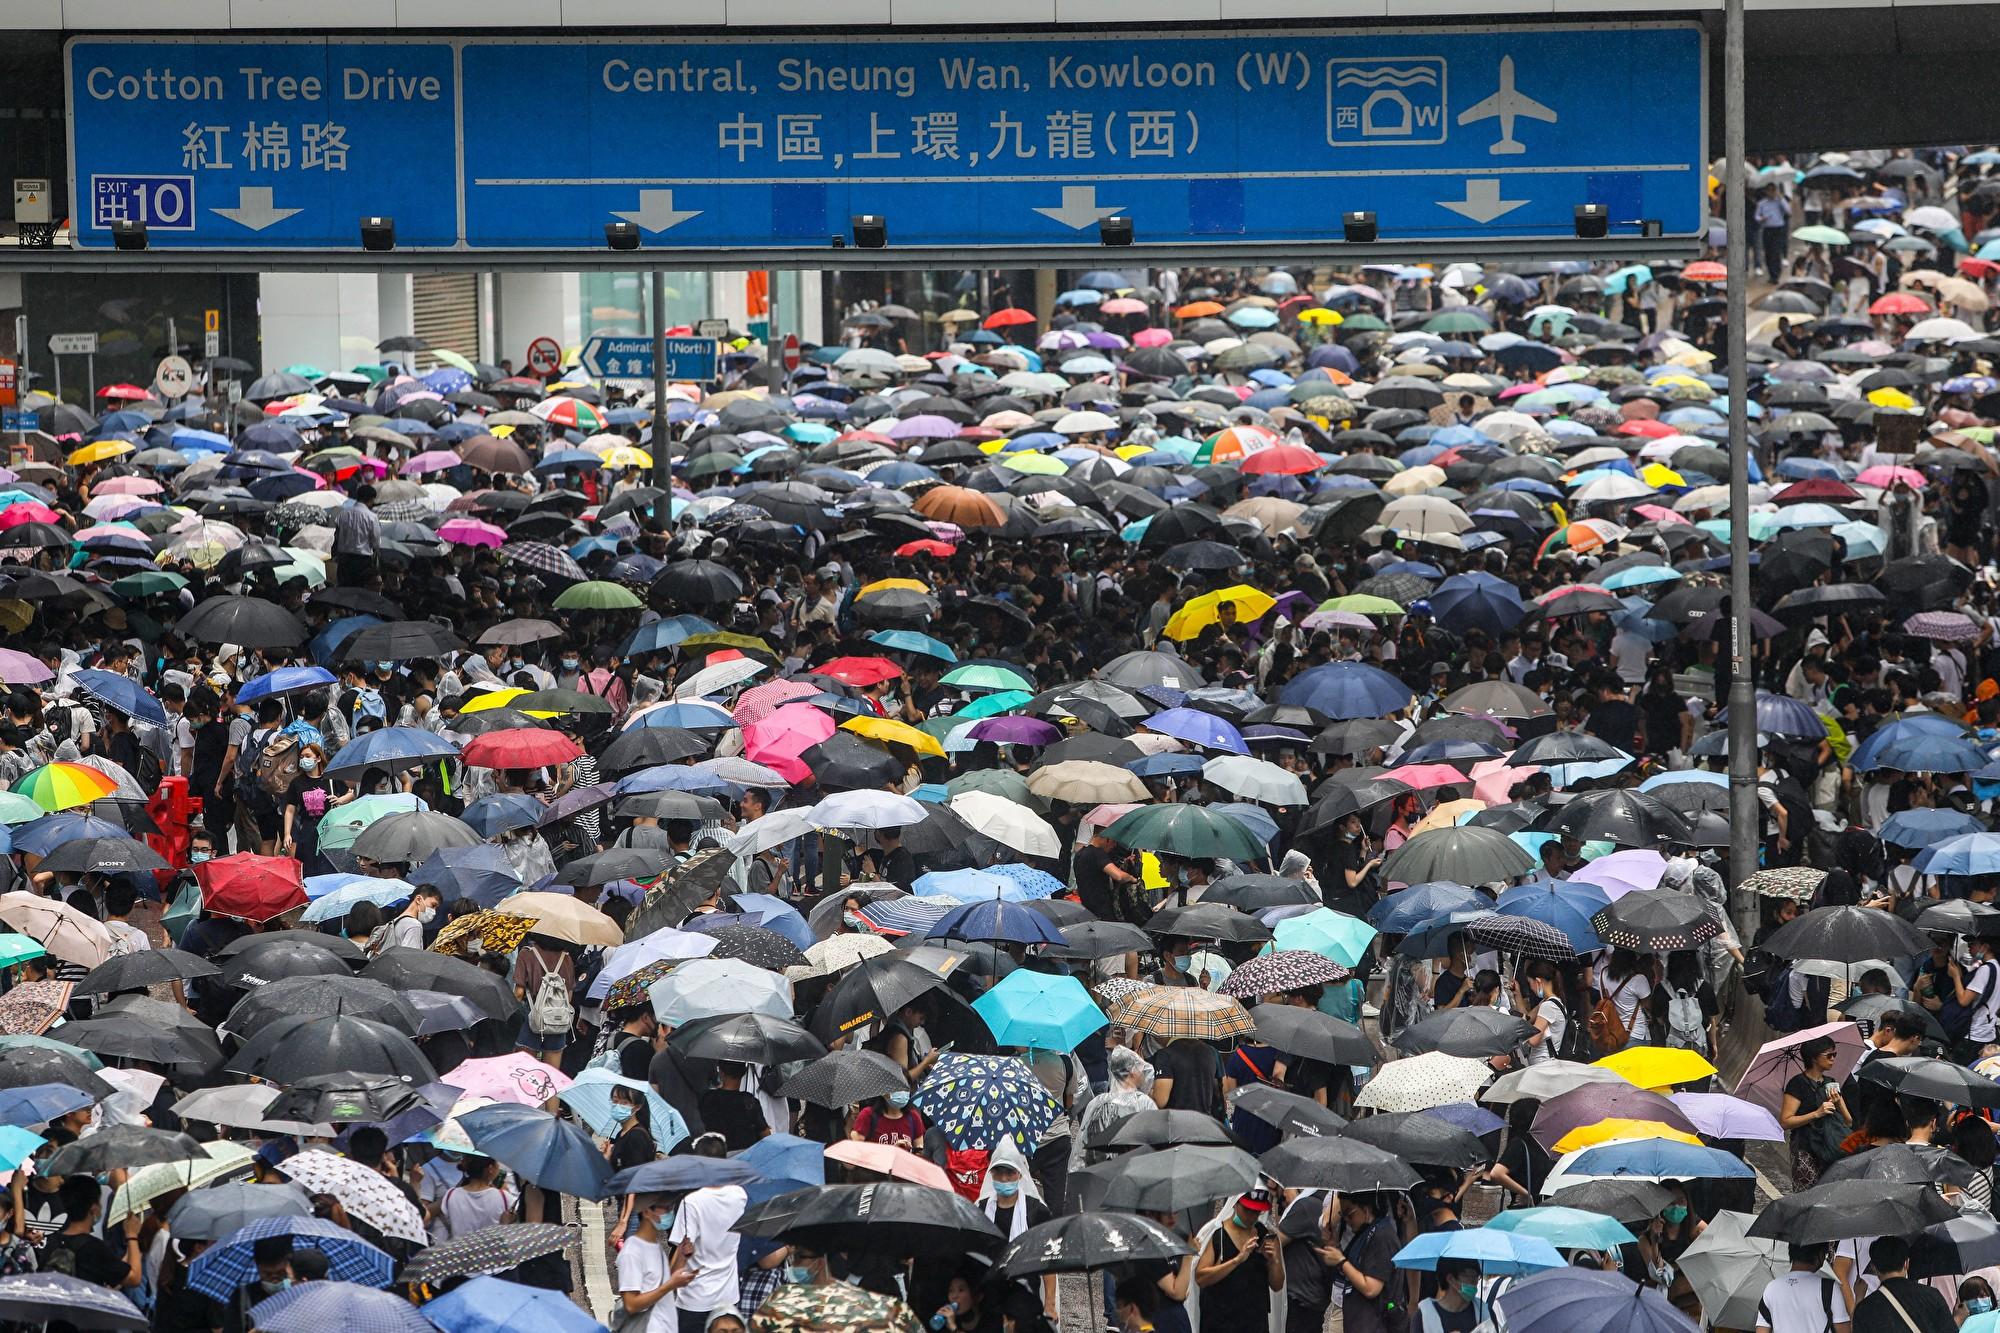 港民抗議與中美貿易戰 訴求目標不謀而合